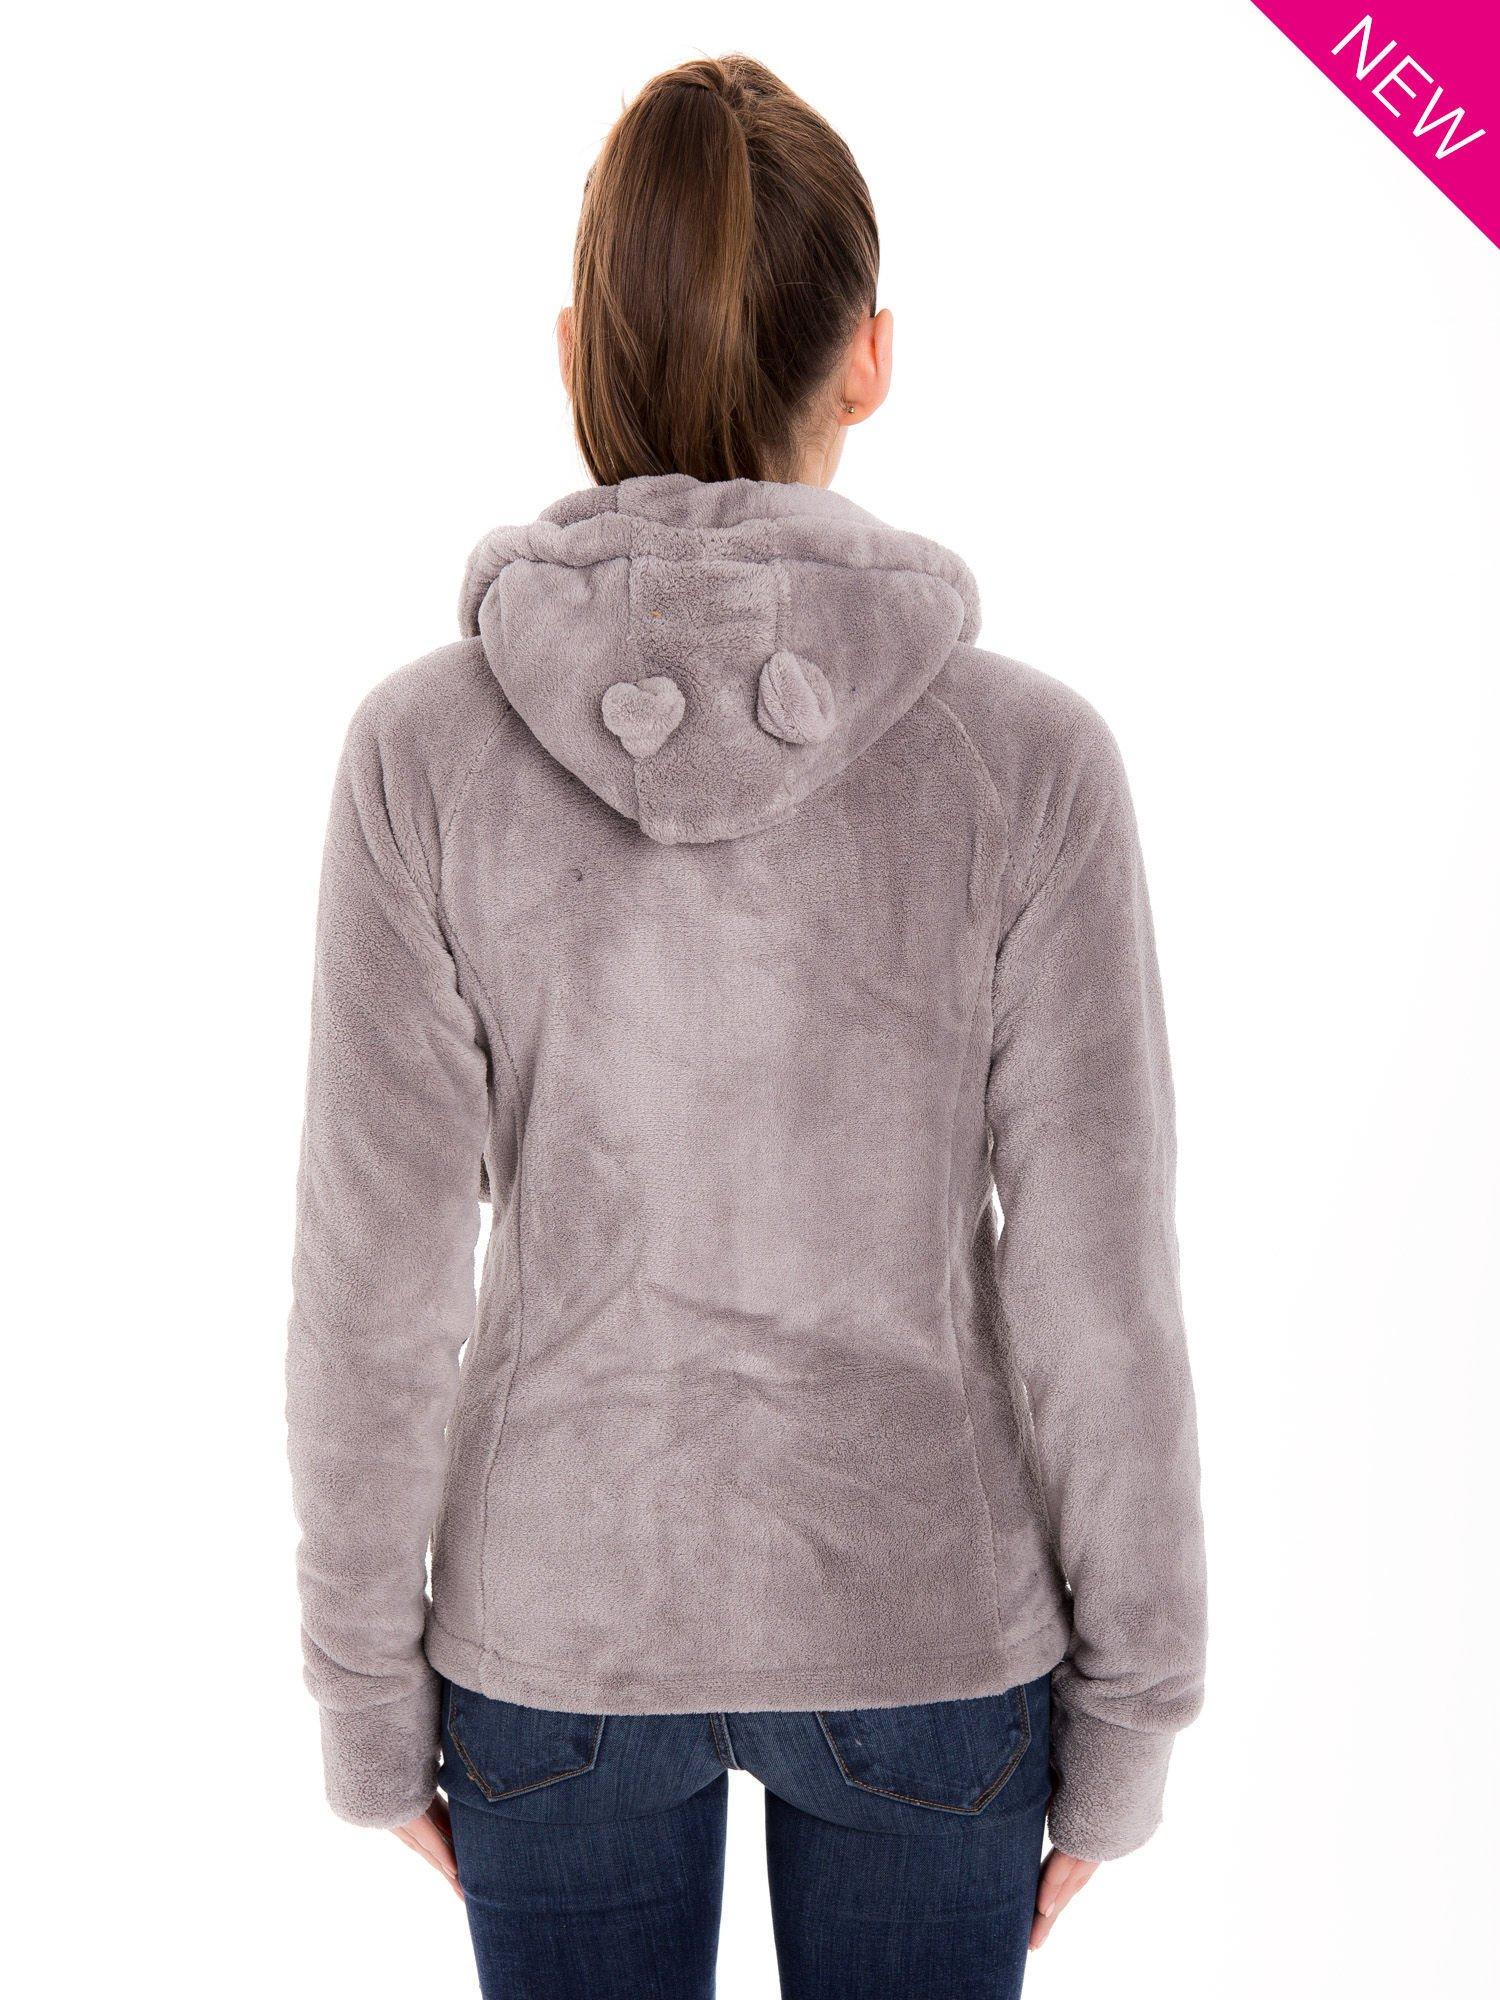 Jasnoszara pluszowa bluza z kapturem z uszkami i pomponami                                  zdj.                                  4